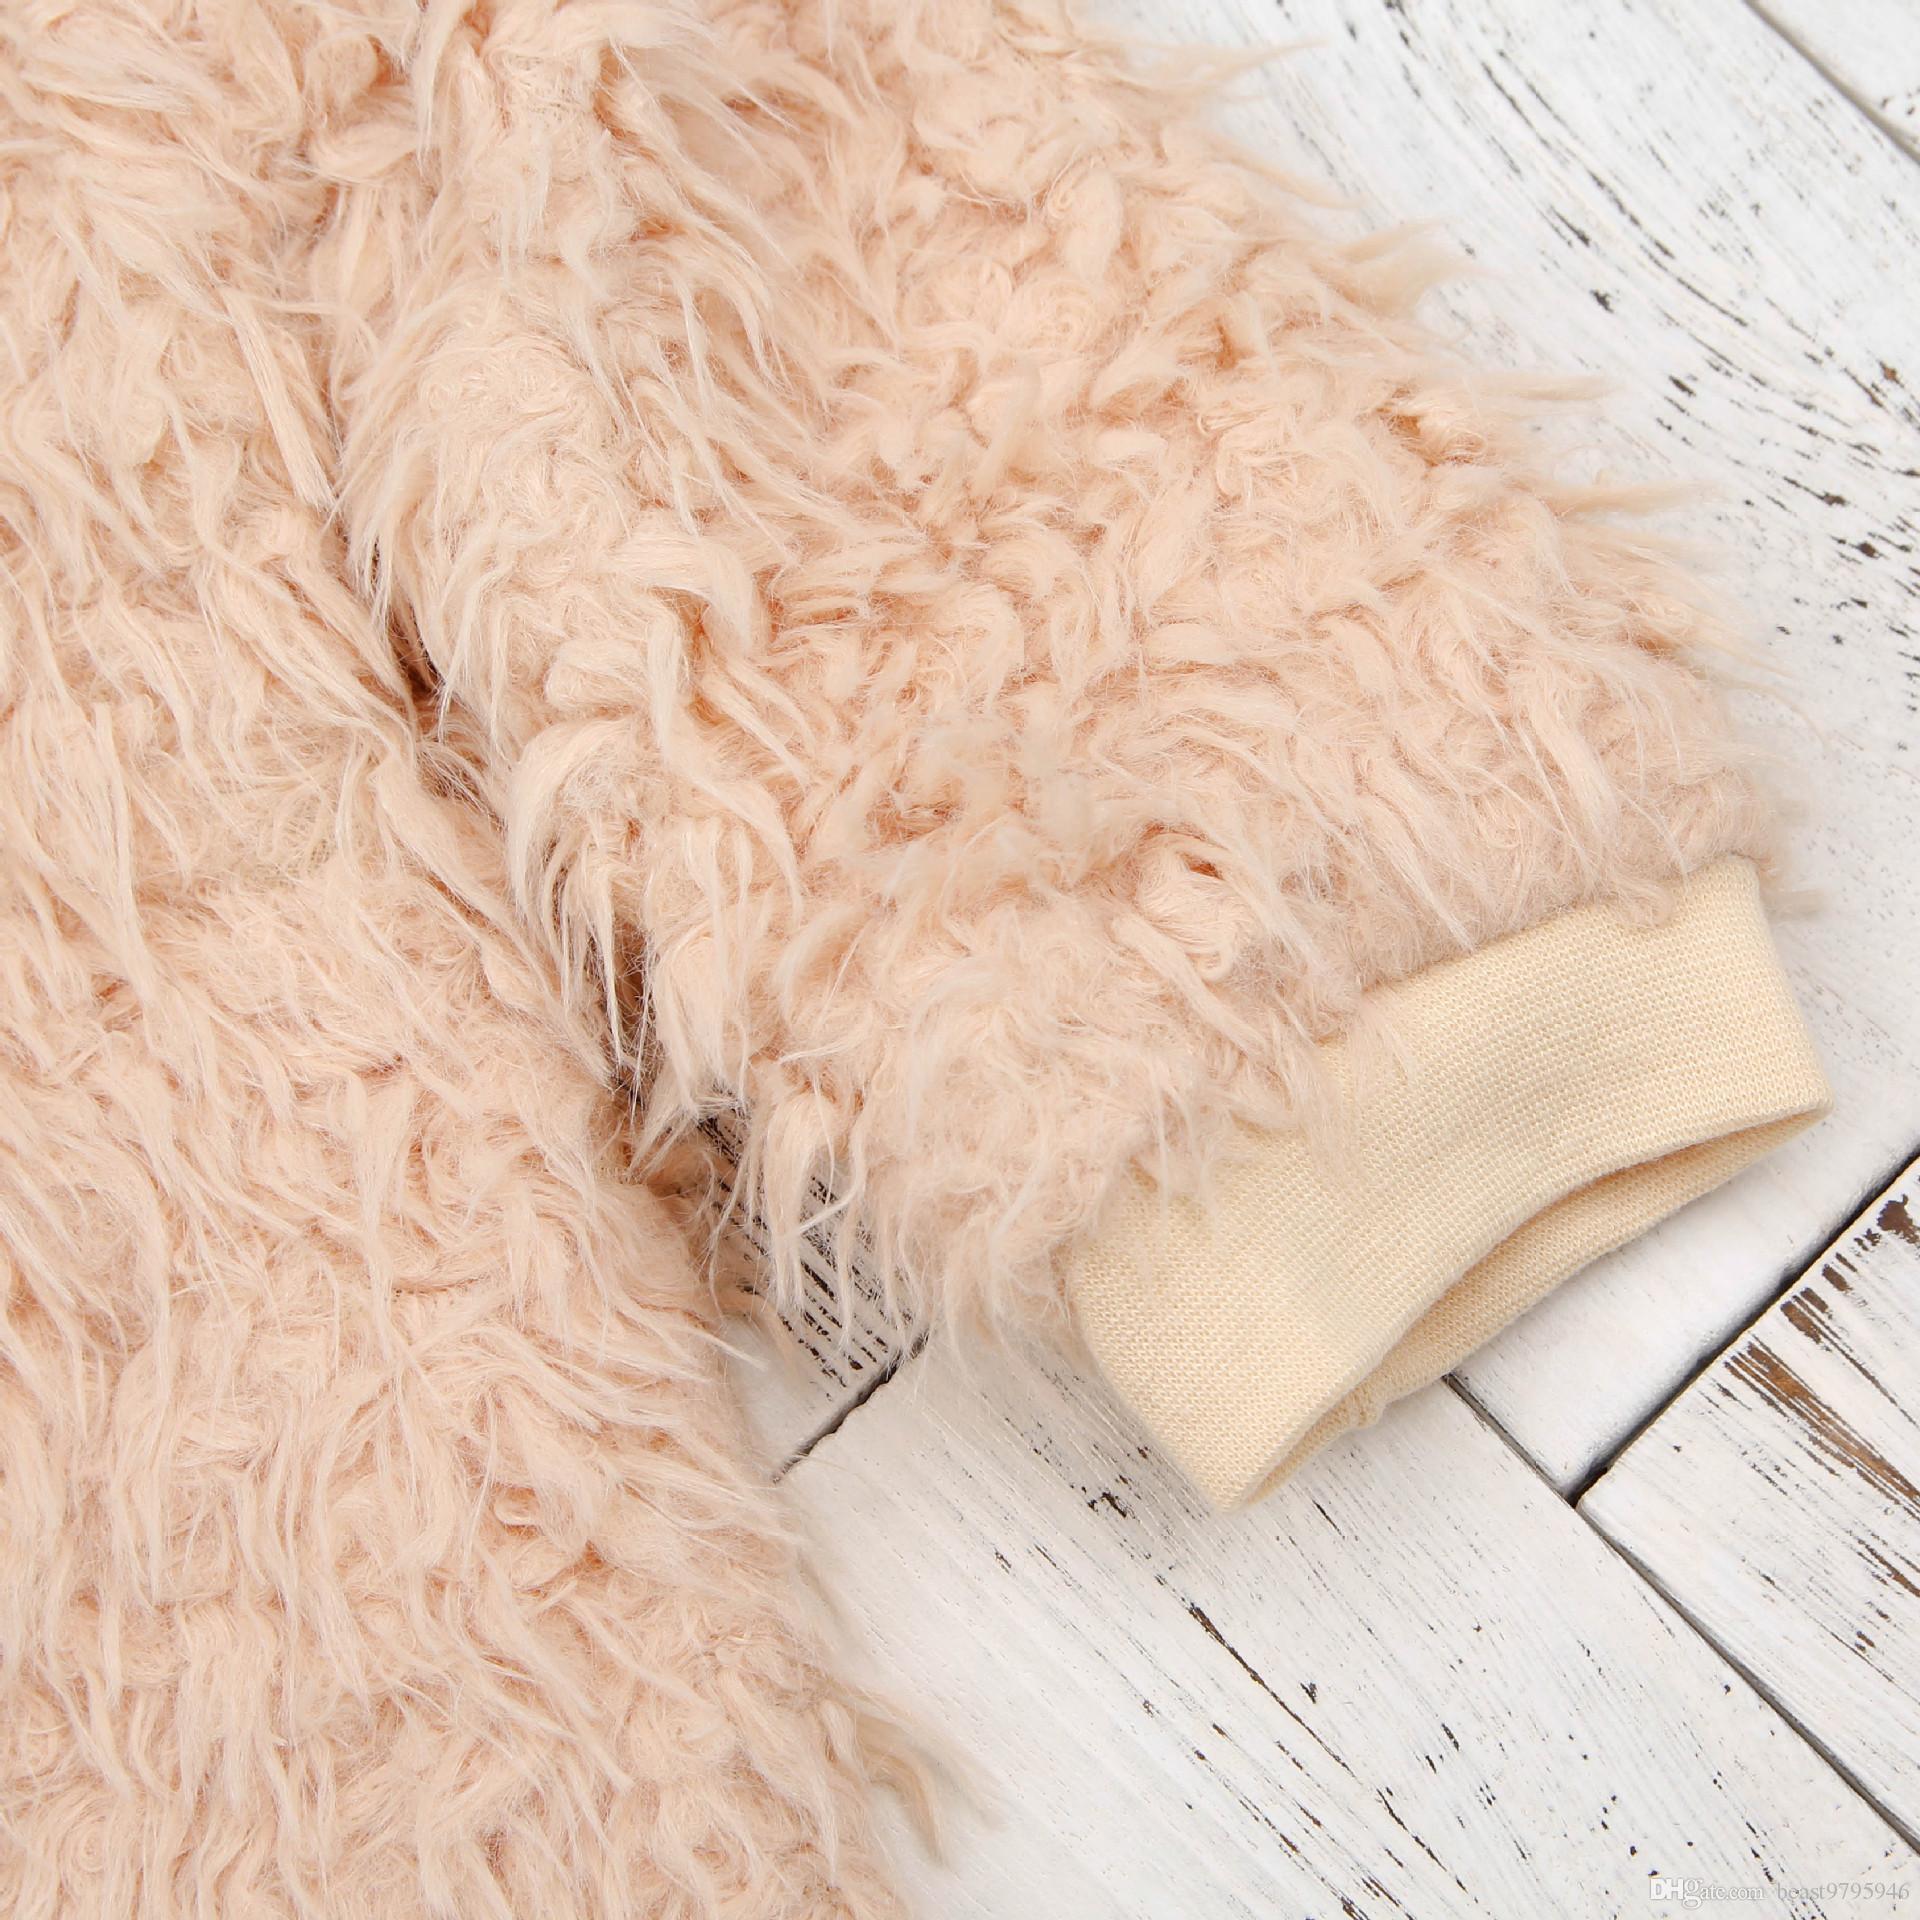 2017 Nouveaux Enfants Froid D'hiver Barboteuse Salopette Vêtements Nouveau-Né Bébé Garçons Filles Coton Rembourré Épais Playsuit Body